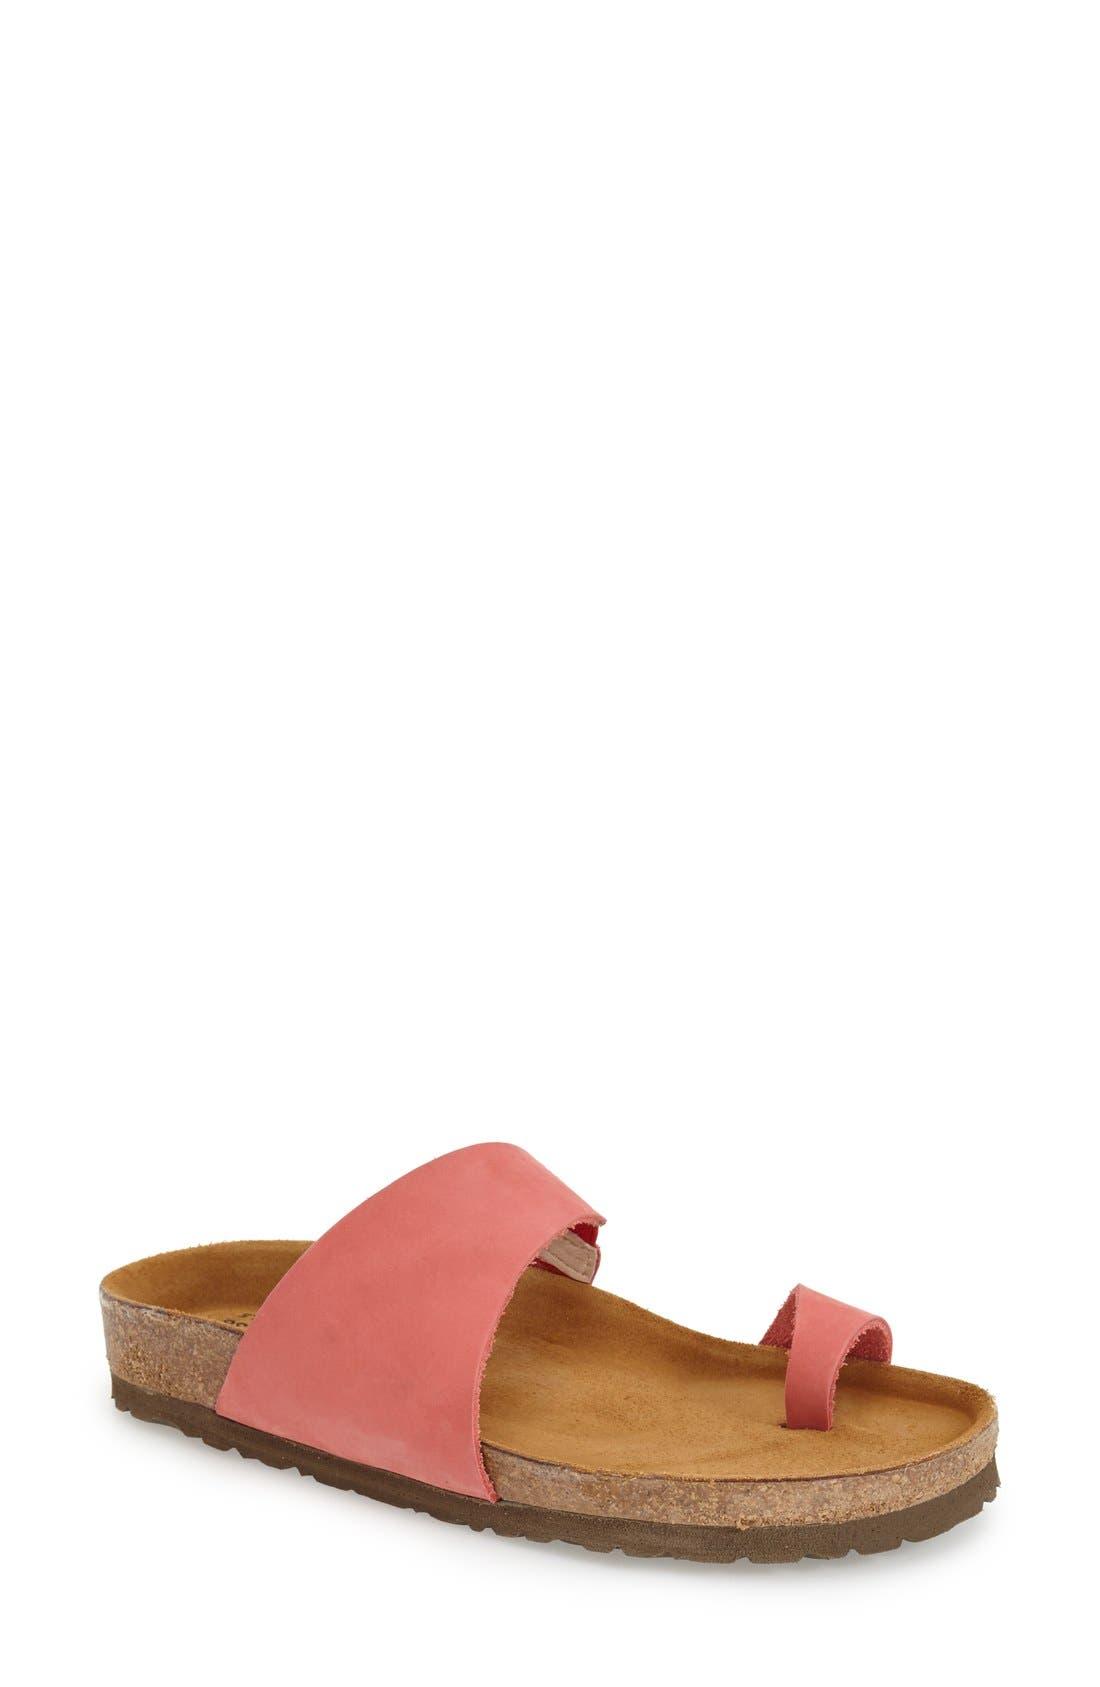 'Santa Fe' Sandal,                             Main thumbnail 3, color,